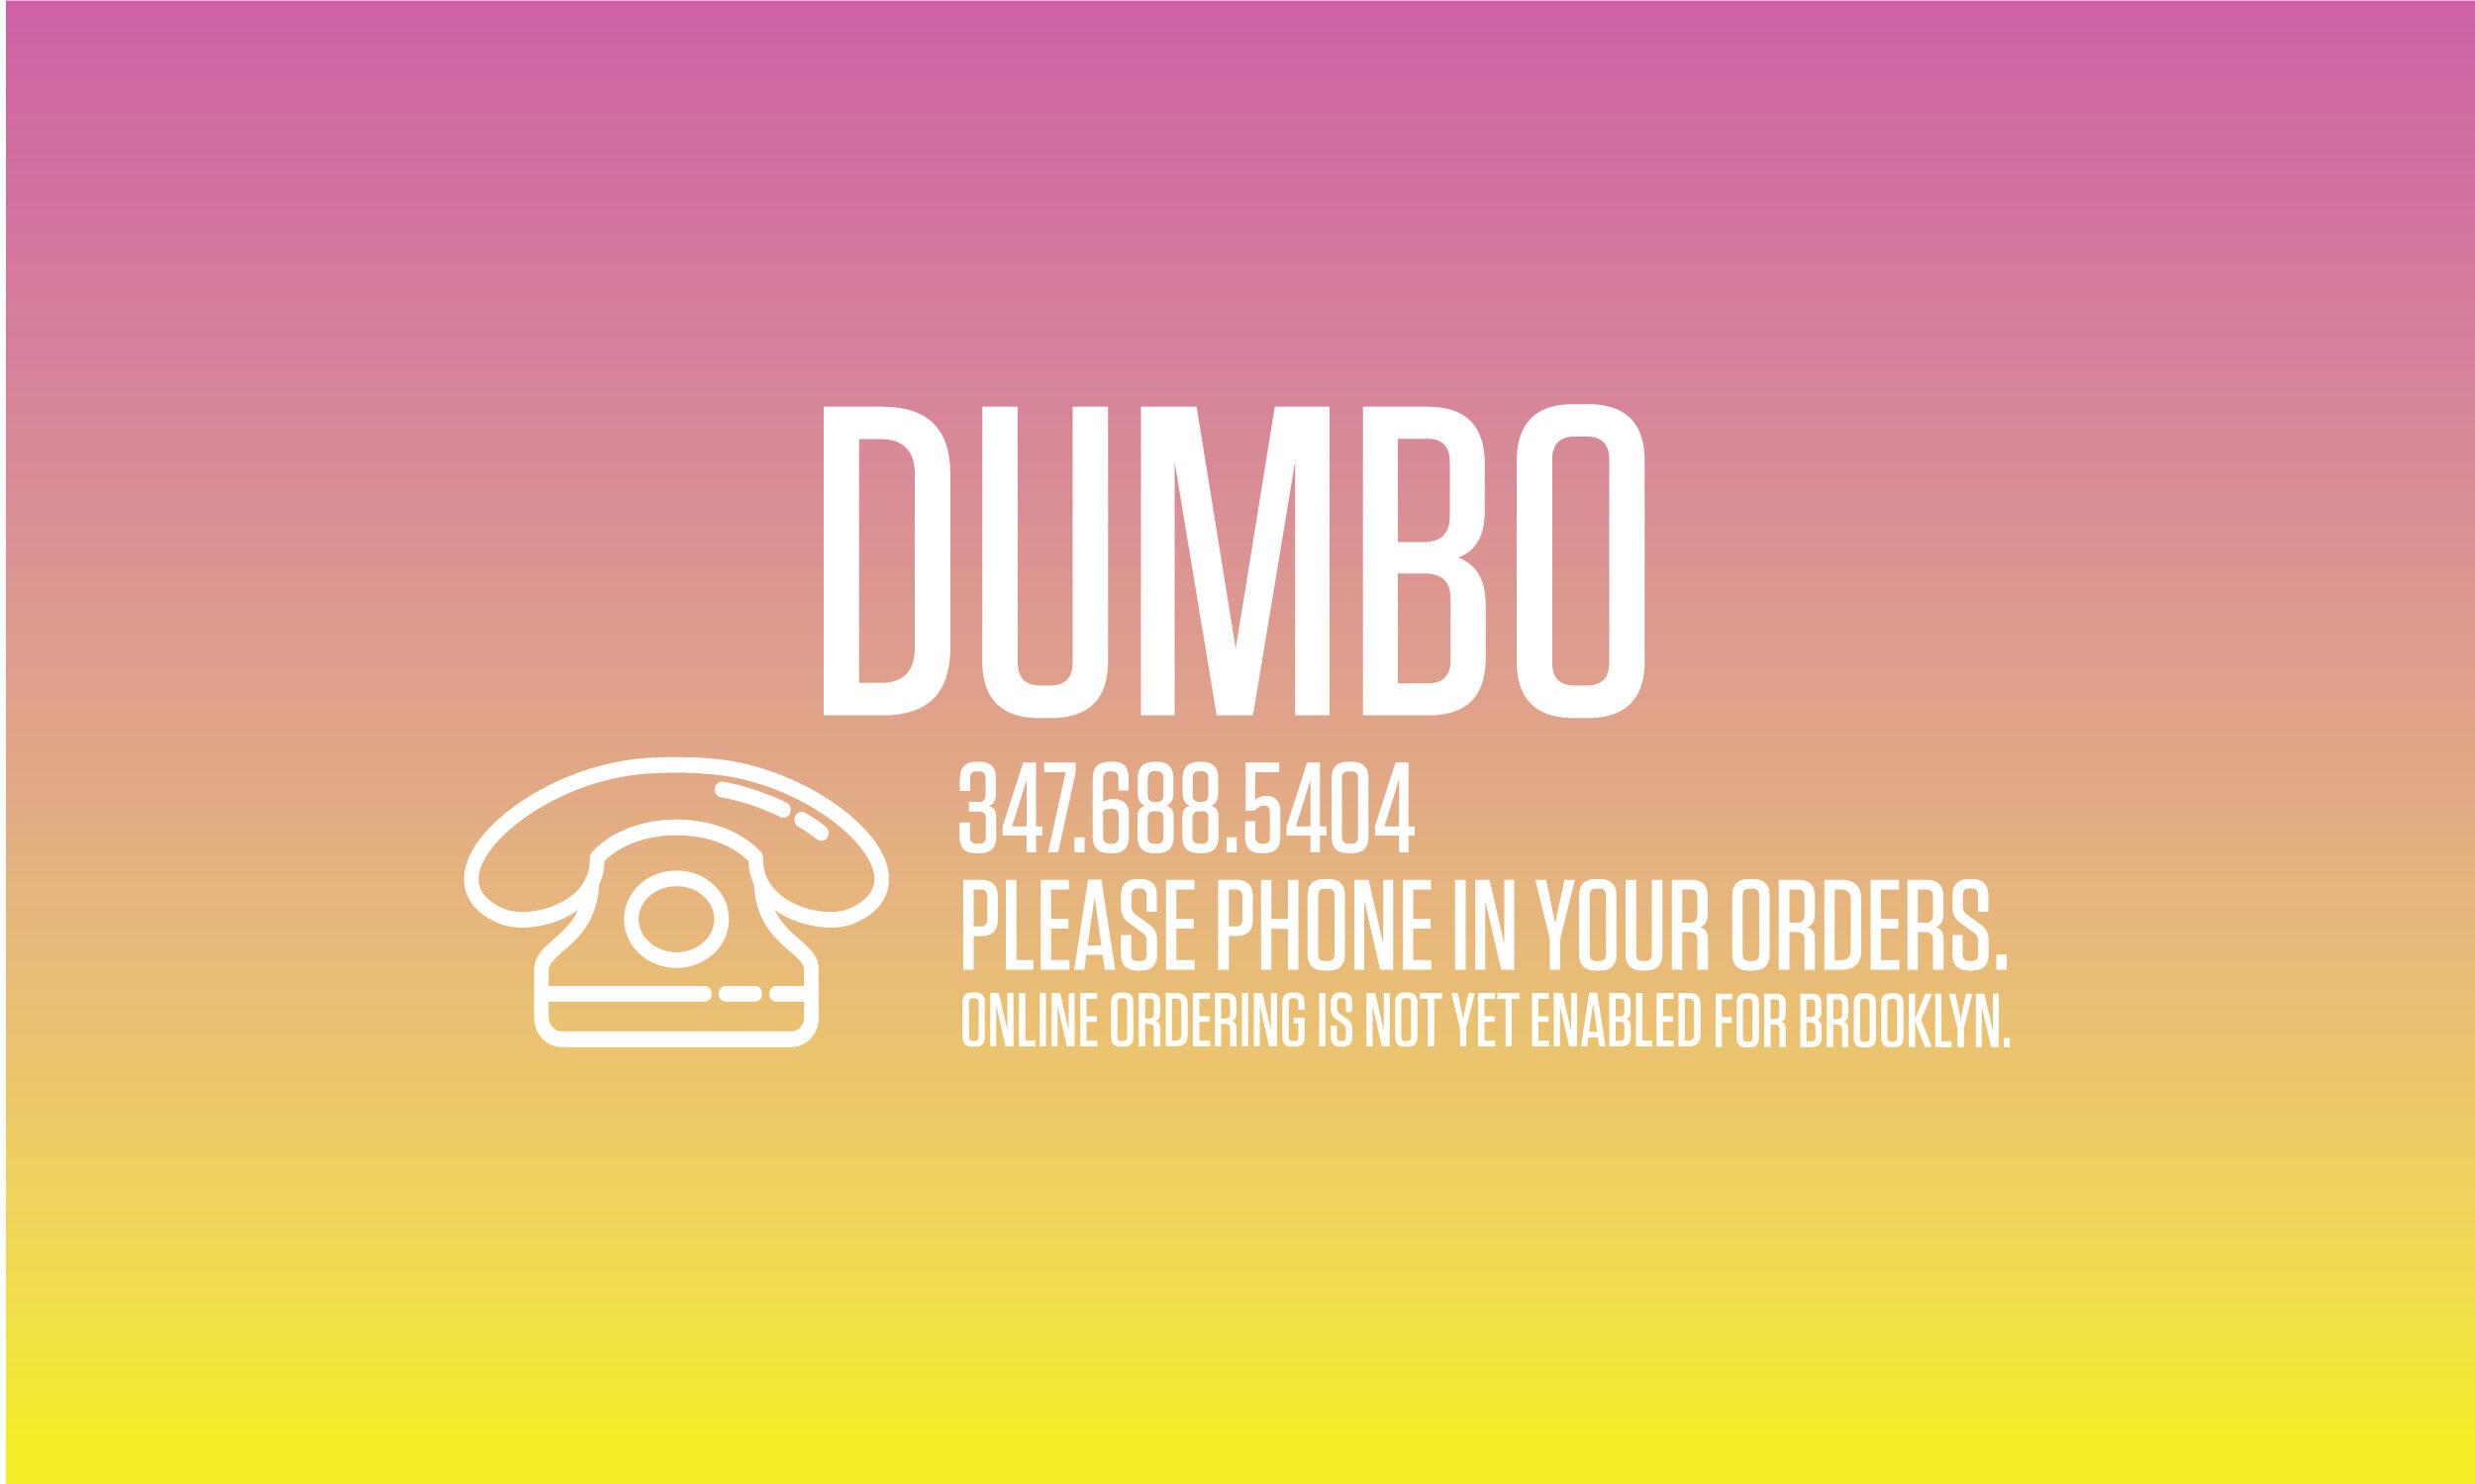 Dumbo-Call-Graphic-V2.0.jpg